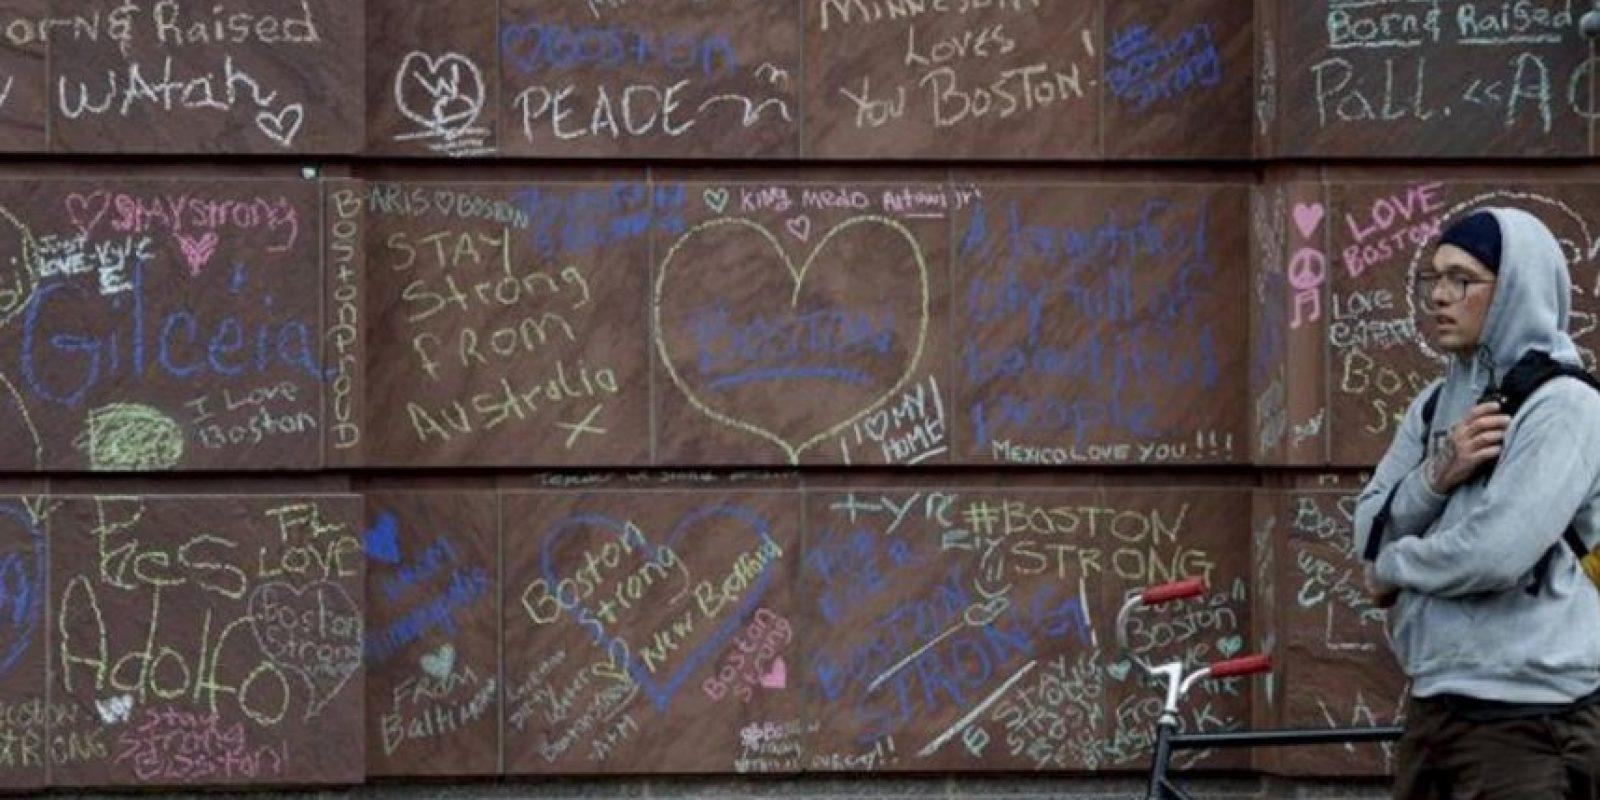 Un joven permanece en pie junto a un muro en el que hay escritas palabras de recuerdo hacia las víctimas de los atentados de Boston, en Boston, Massachusetts, Estados Unidos. EFE